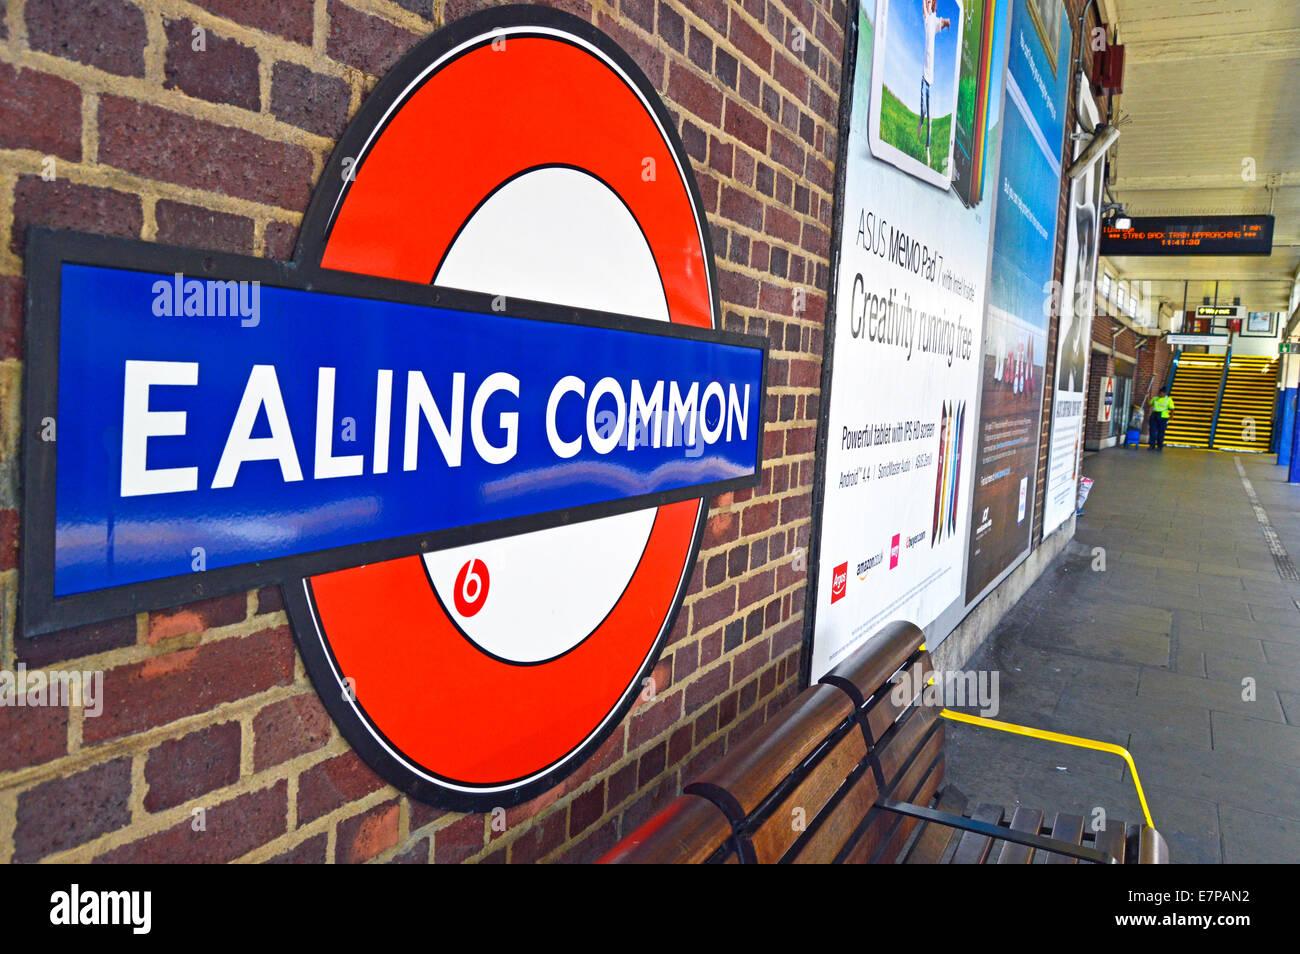 Ealing Common Tube Station roundel, London Borough of Ealing, London, England, United Kingdom Stock Photo